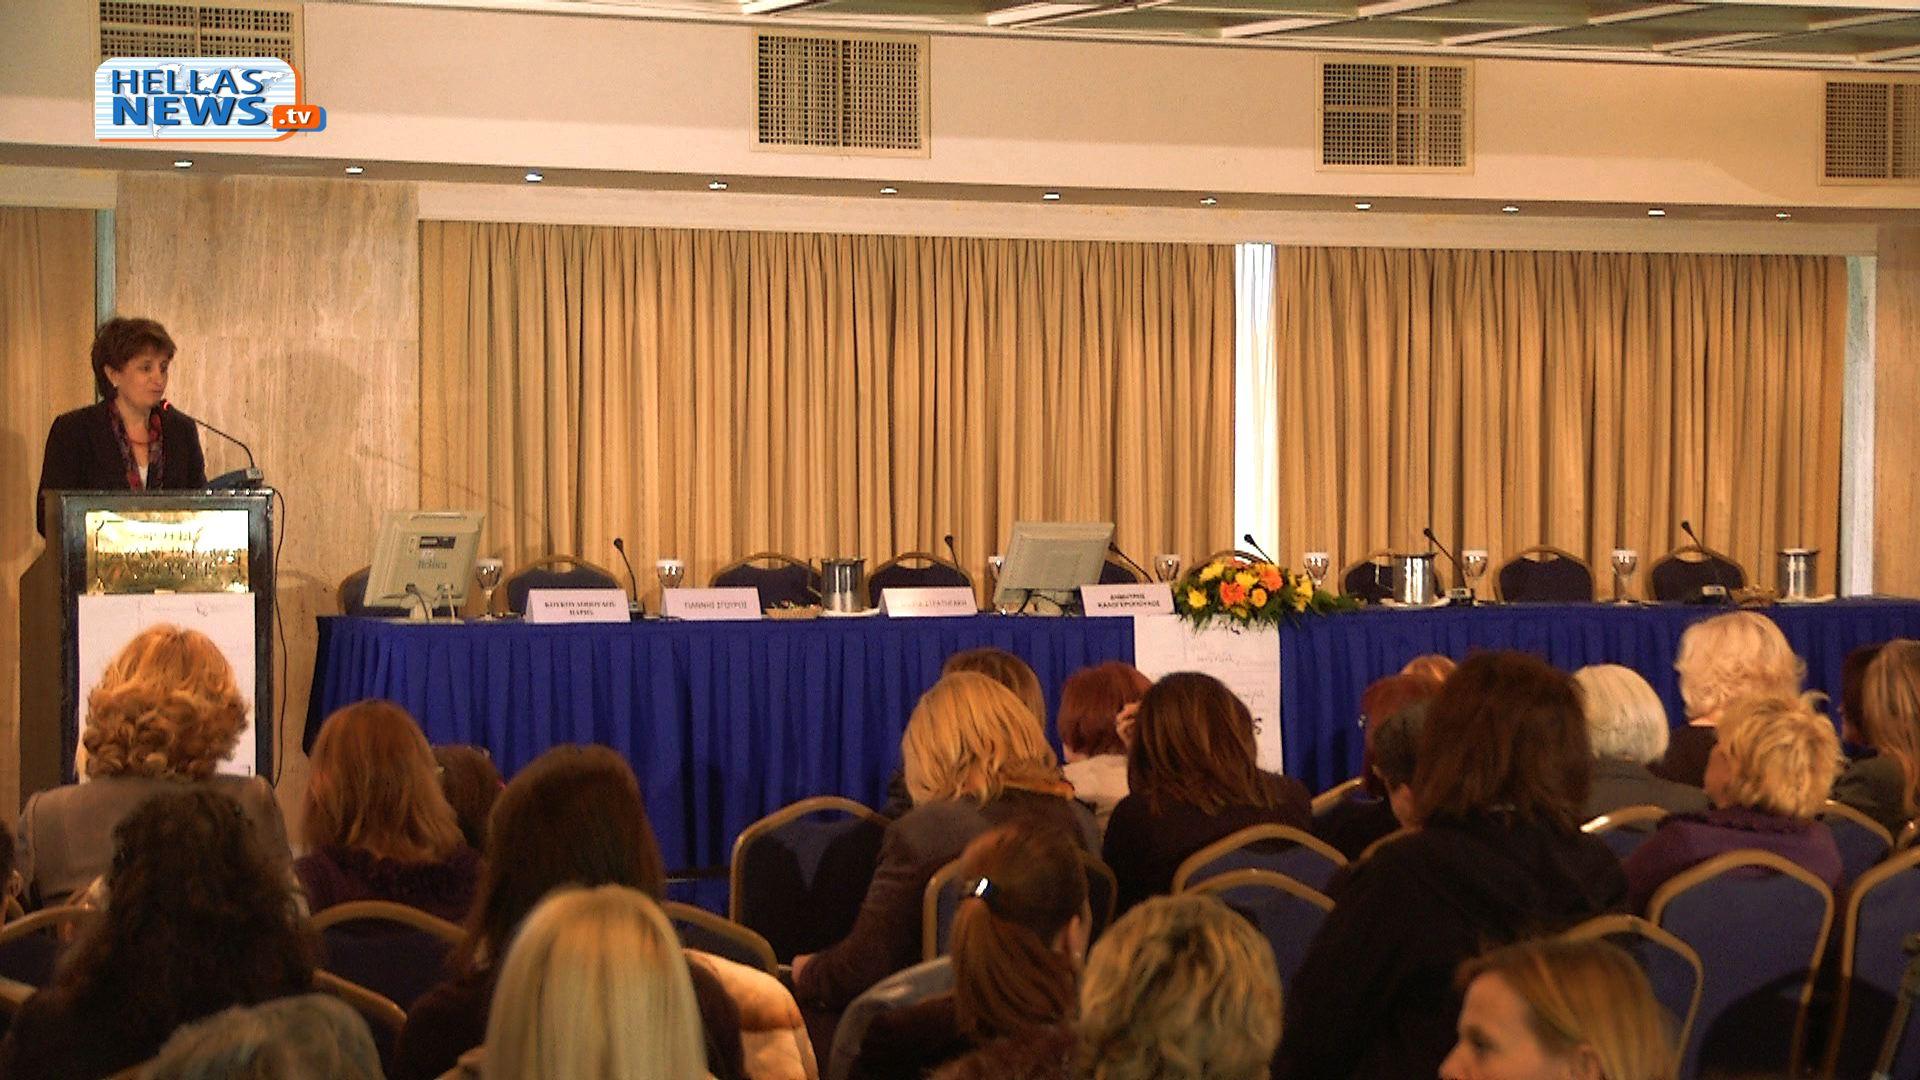 Ημερίδα της Γενικής Γραμματείας Ισότητας των Φύλων Η Ευρωπαϊκή Χάρτα για την Ισότητα των Φύλων στις Περιφέρειες